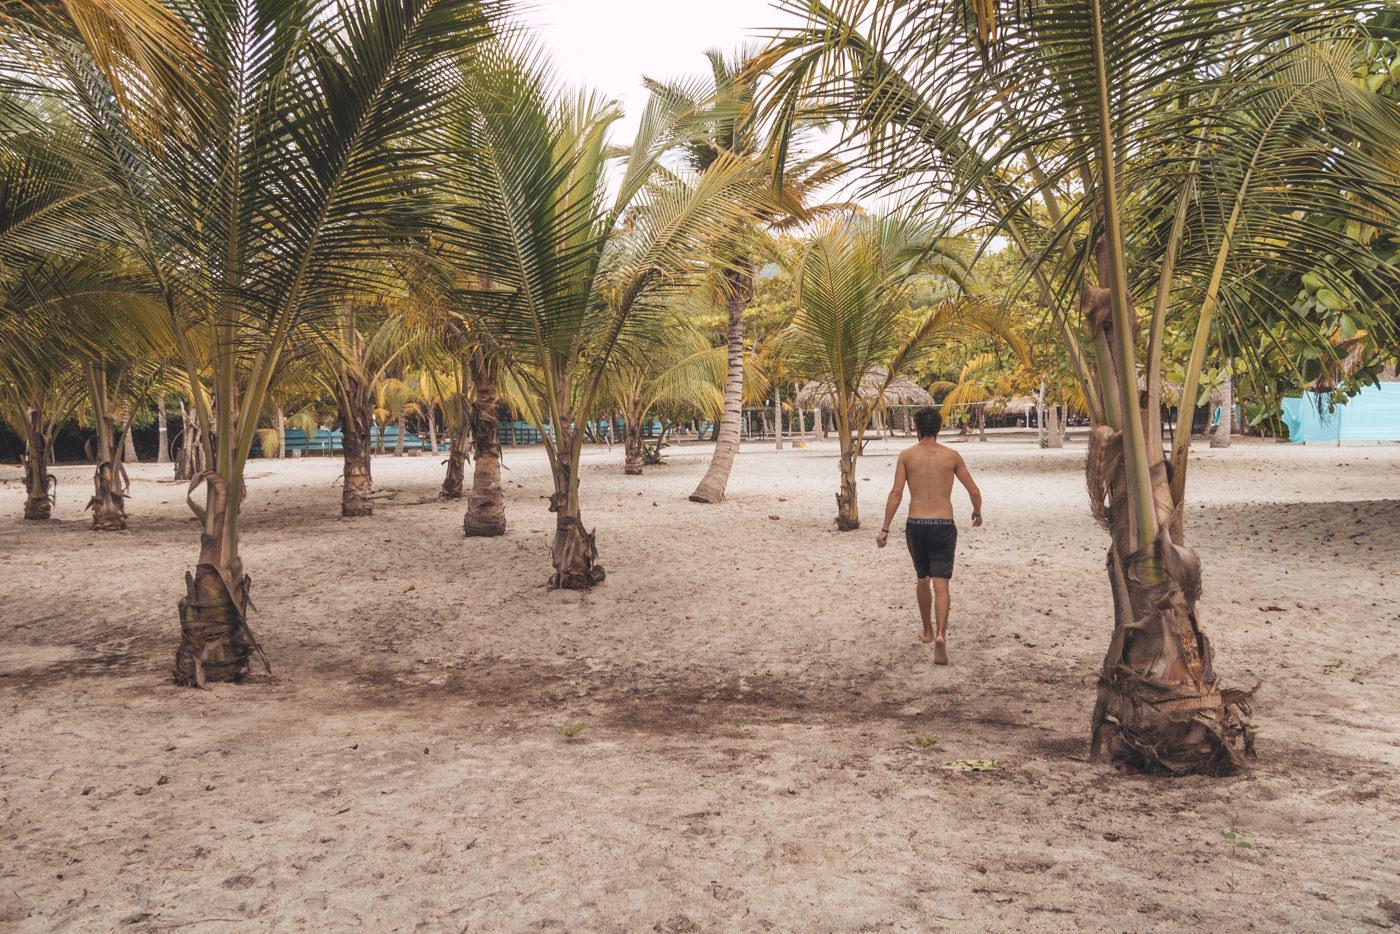 Matthias am Strand des Merecumbe Hostels bei Santa Marta